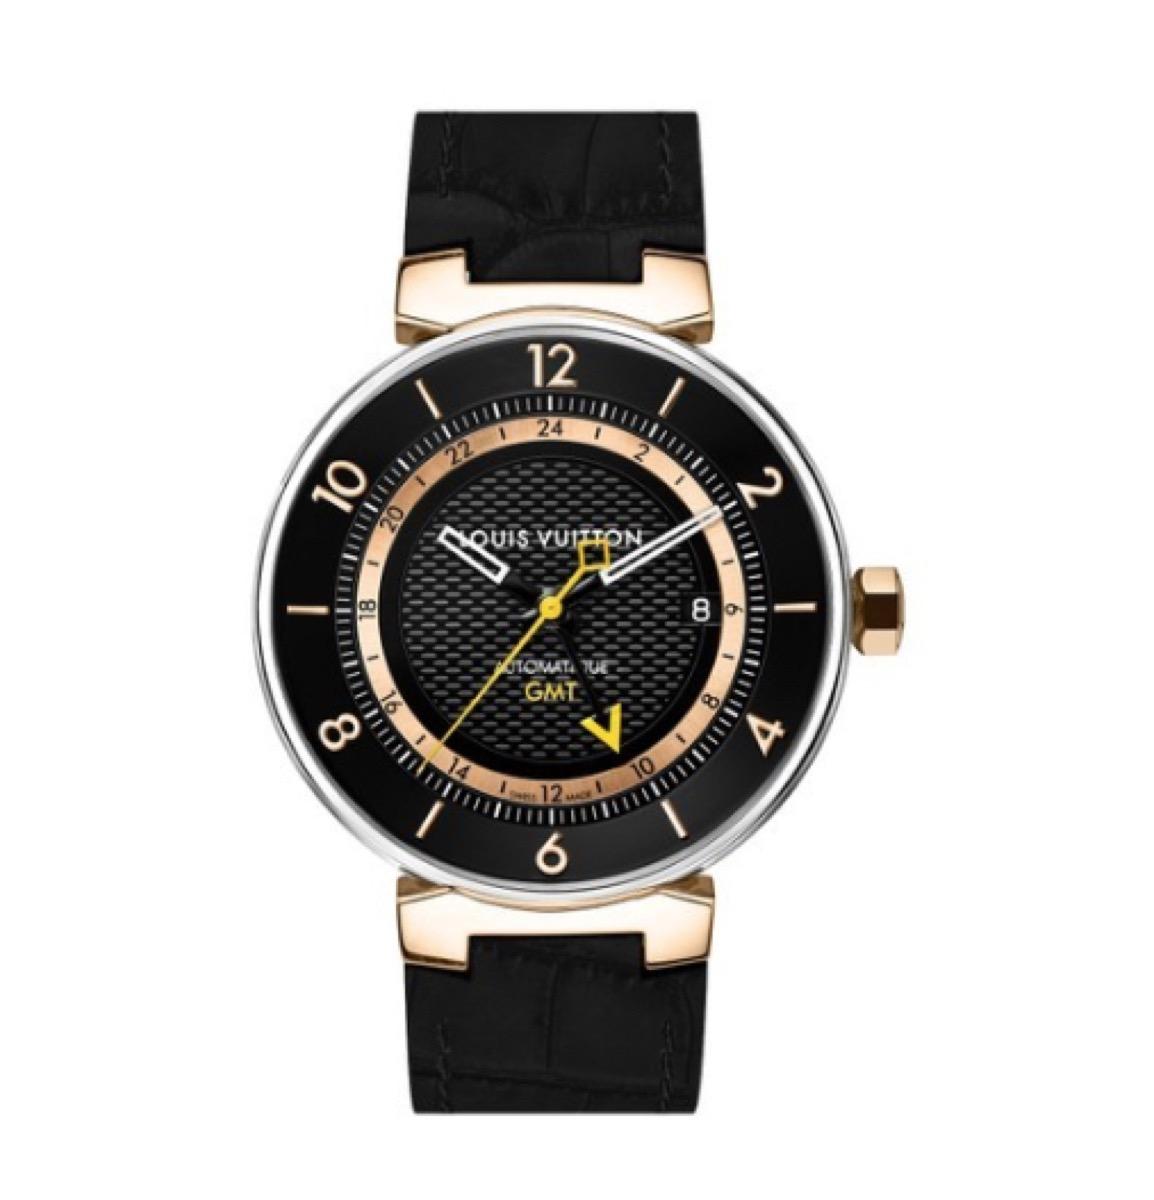 Louis Vuitton watch Best Birthday Gifts Husband